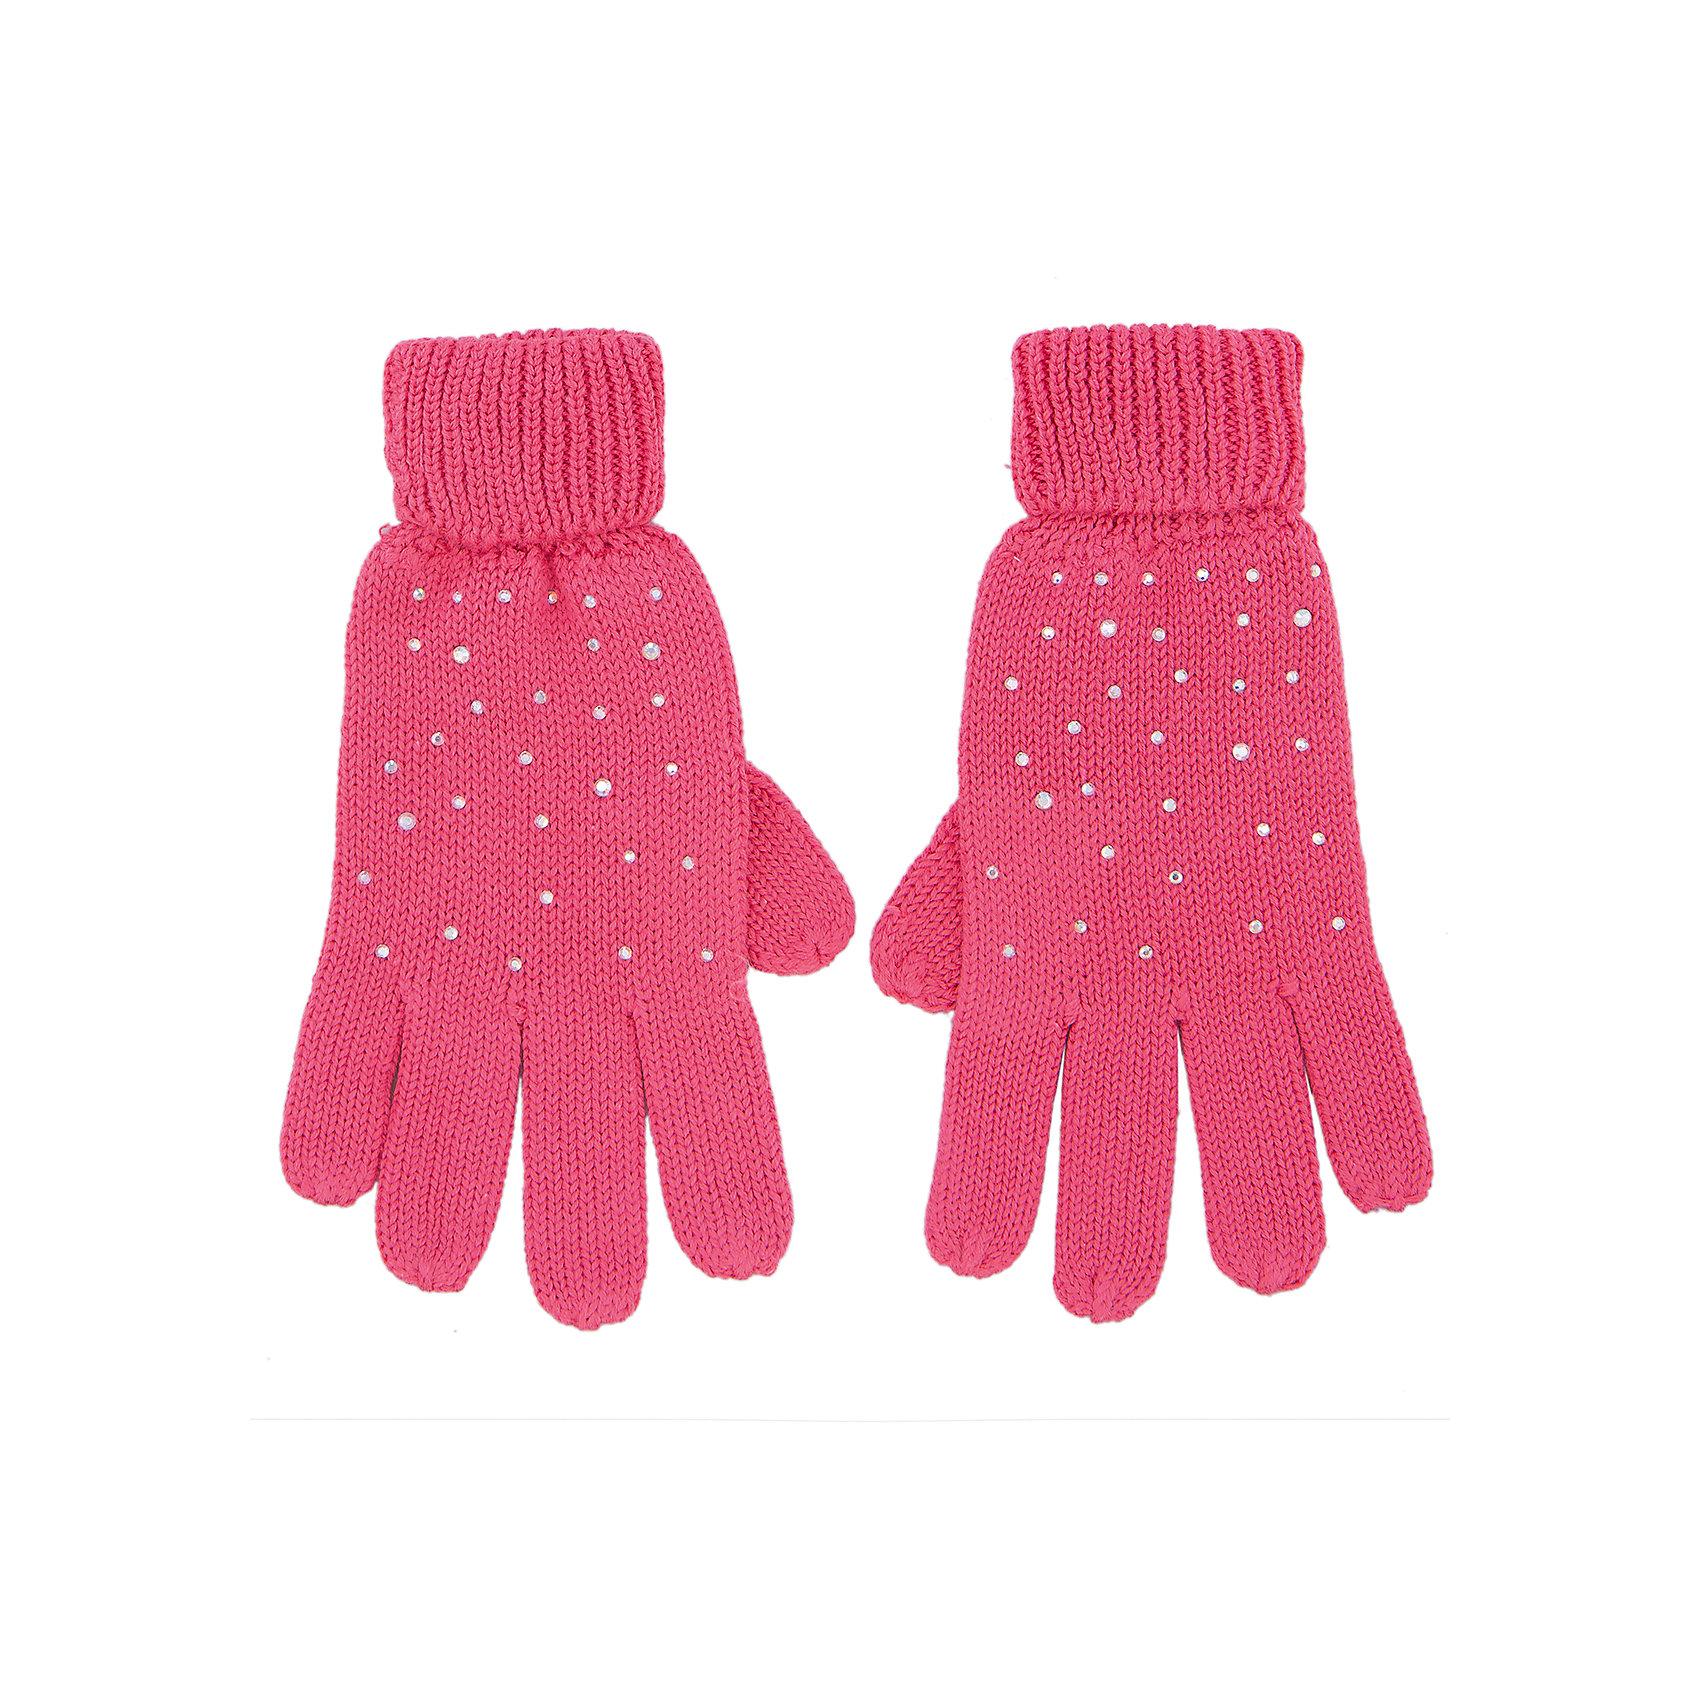 Перчатки для девочки SELAПерчатки, варежки<br>Аксессуары и одежда от SELA - это качество и отличные цены. Яркие и стильные перчатки для девочки из новой коллекции будут заметной деталью осеннего образа. Сочные цвета не оставят равнодушным никого.<br>У перчаток есть уплотненная резинка, которая защитит детскую руку от соскальзывания изделия и дополнительно утепляет модель. Блестящие, переливающиеся стразы, прикрепленные с помощью клея, добавляют будничной вещи праздничного стиля. <br>Все материалы, использованные в создании изделия,  отвечают современным требованиям по качеству и безопасности продукции. <br><br>Дополнительная информация:<br><br>цвет: коралловый;<br>состав: 55% хлопок, 45% акрил.<br><br>Перчатки для девочки от компании SELA можно купить в нашем магазине.<br><br>Ширина мм: 162<br>Глубина мм: 171<br>Высота мм: 55<br>Вес г: 119<br>Цвет: коралловый<br>Возраст от месяцев: 96<br>Возраст до месяцев: 120<br>Пол: Женский<br>Возраст: Детский<br>Размер: 16,14<br>SKU: 4913025